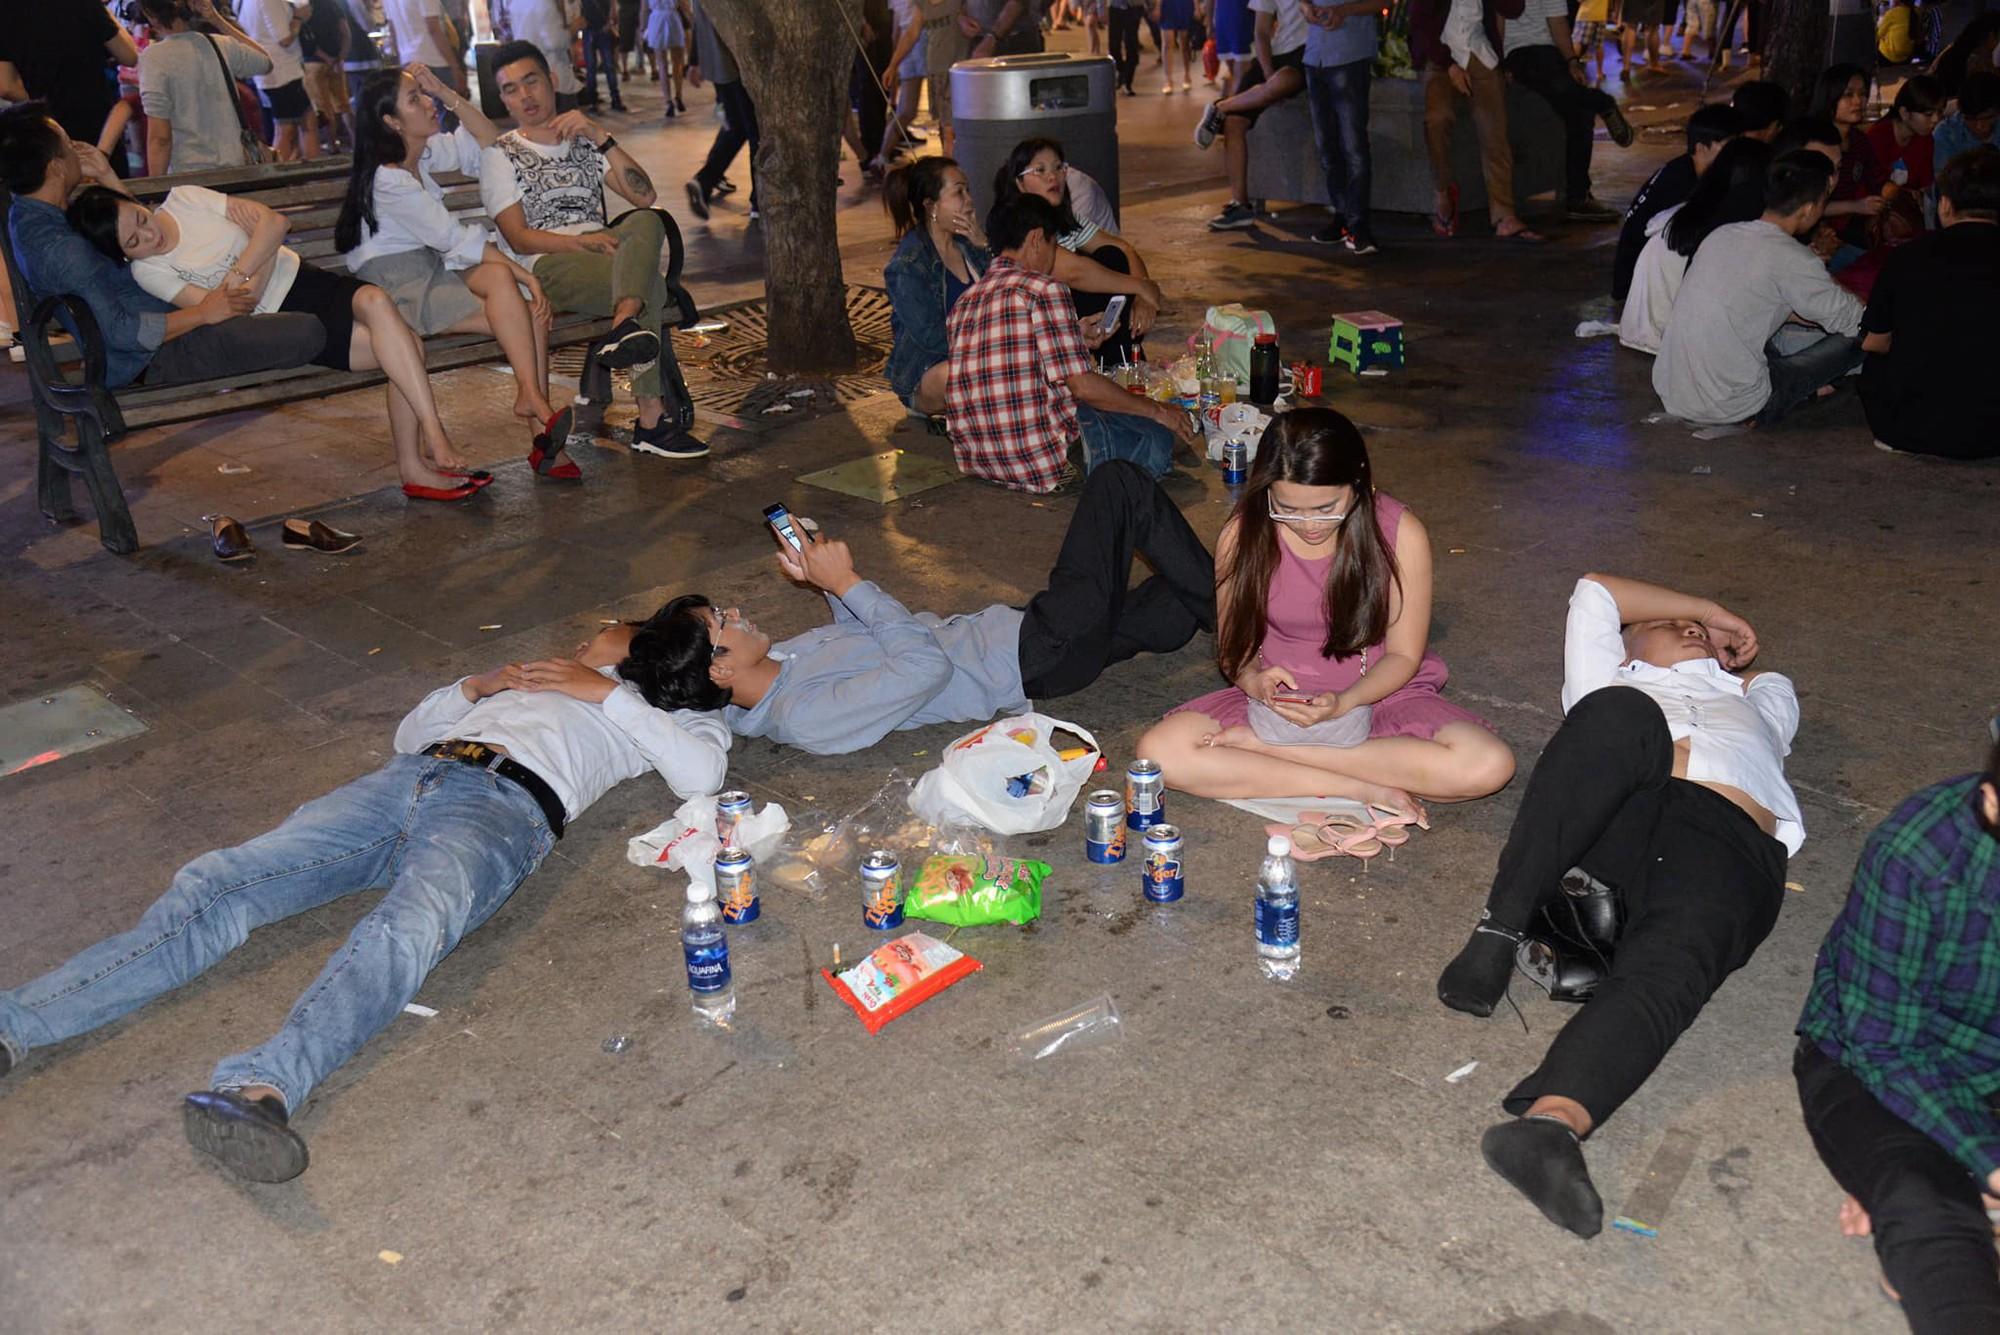 Hình ảnh nhìn thôi đã mệt: Thanh niên say bét nhè nằm lăn ra giữa phố đi bộ, trẻ con đi theo bố mẹ vạ vật chờ giao thừa - Ảnh 7.